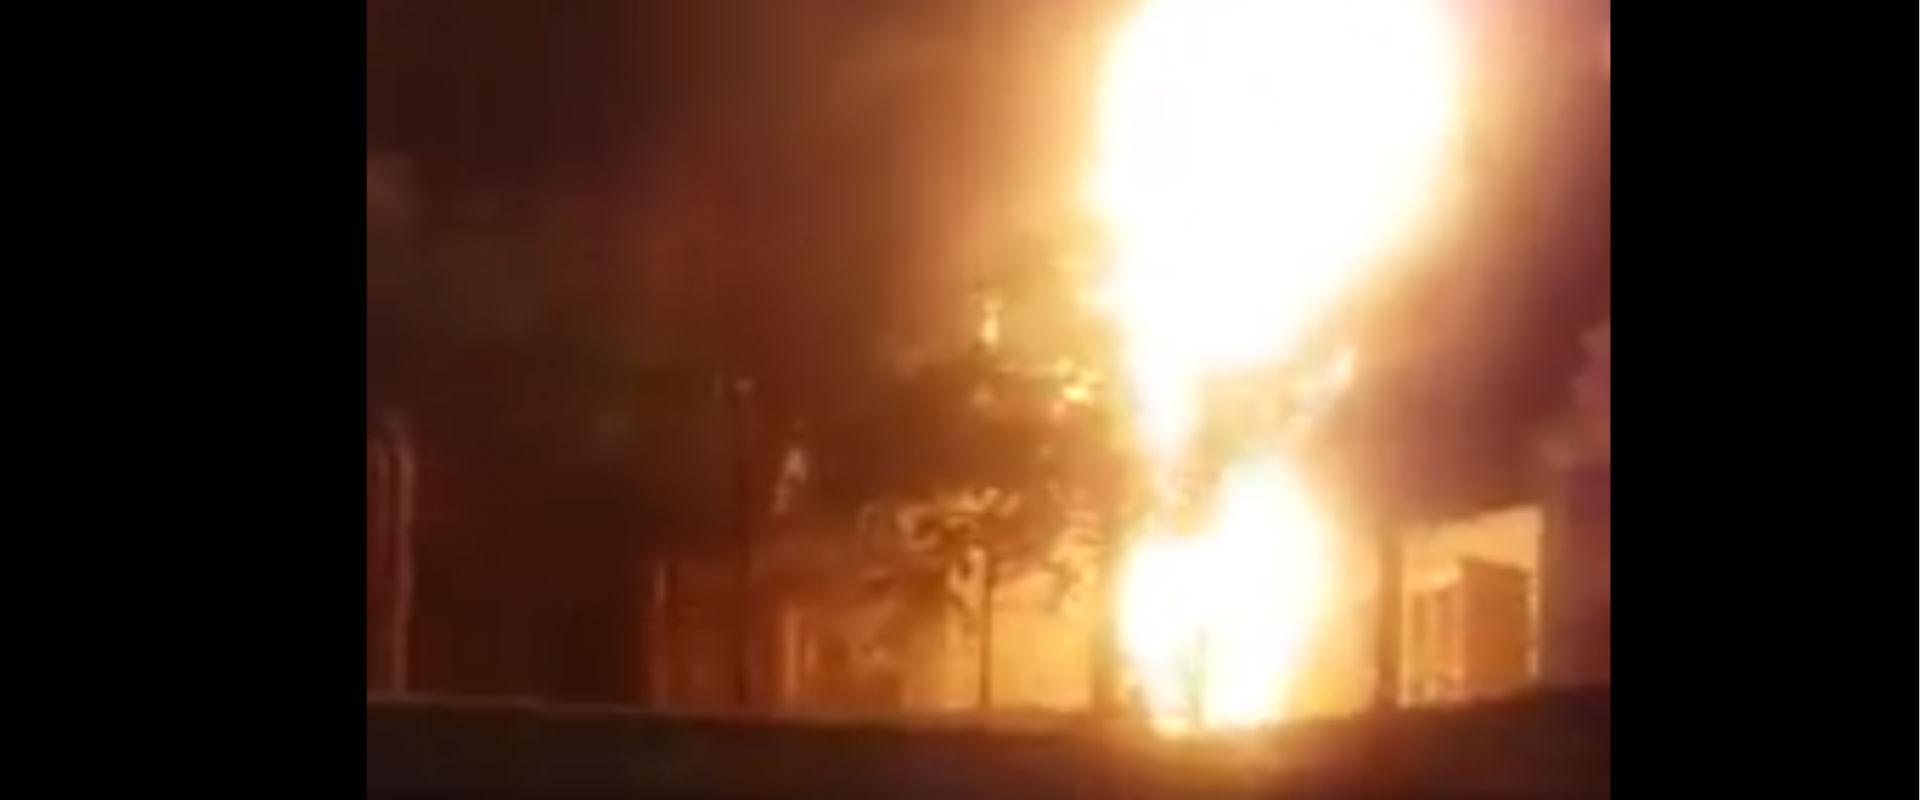 השריפה בסניף ביטוח לאומי בוואדי ג'וז, הלילה